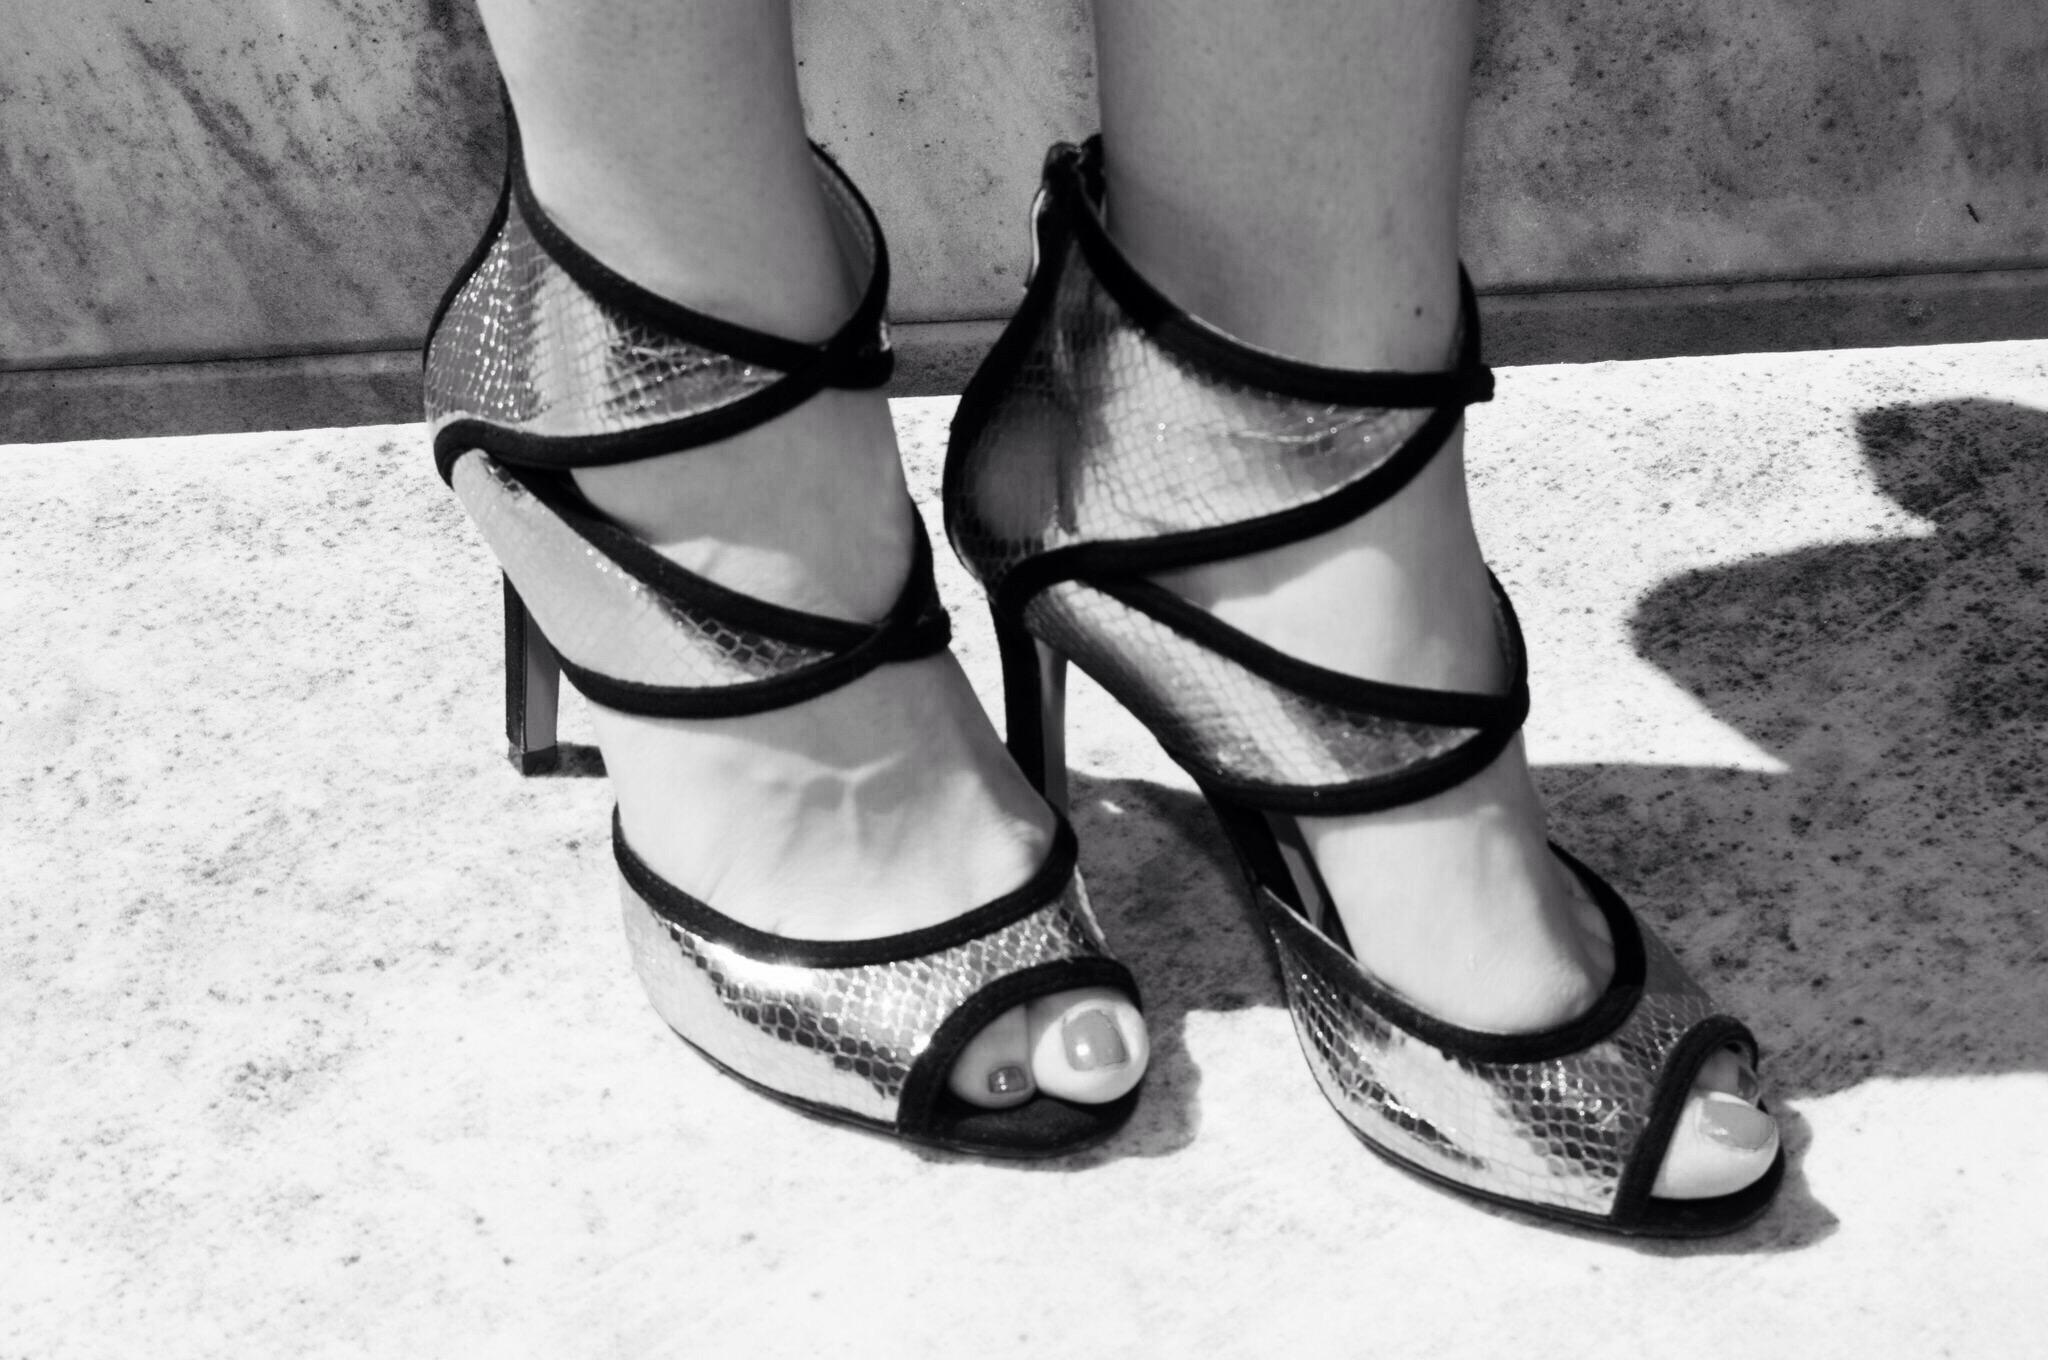 sandalo tronchetto metal- metal ancle boots- personal shopper genova